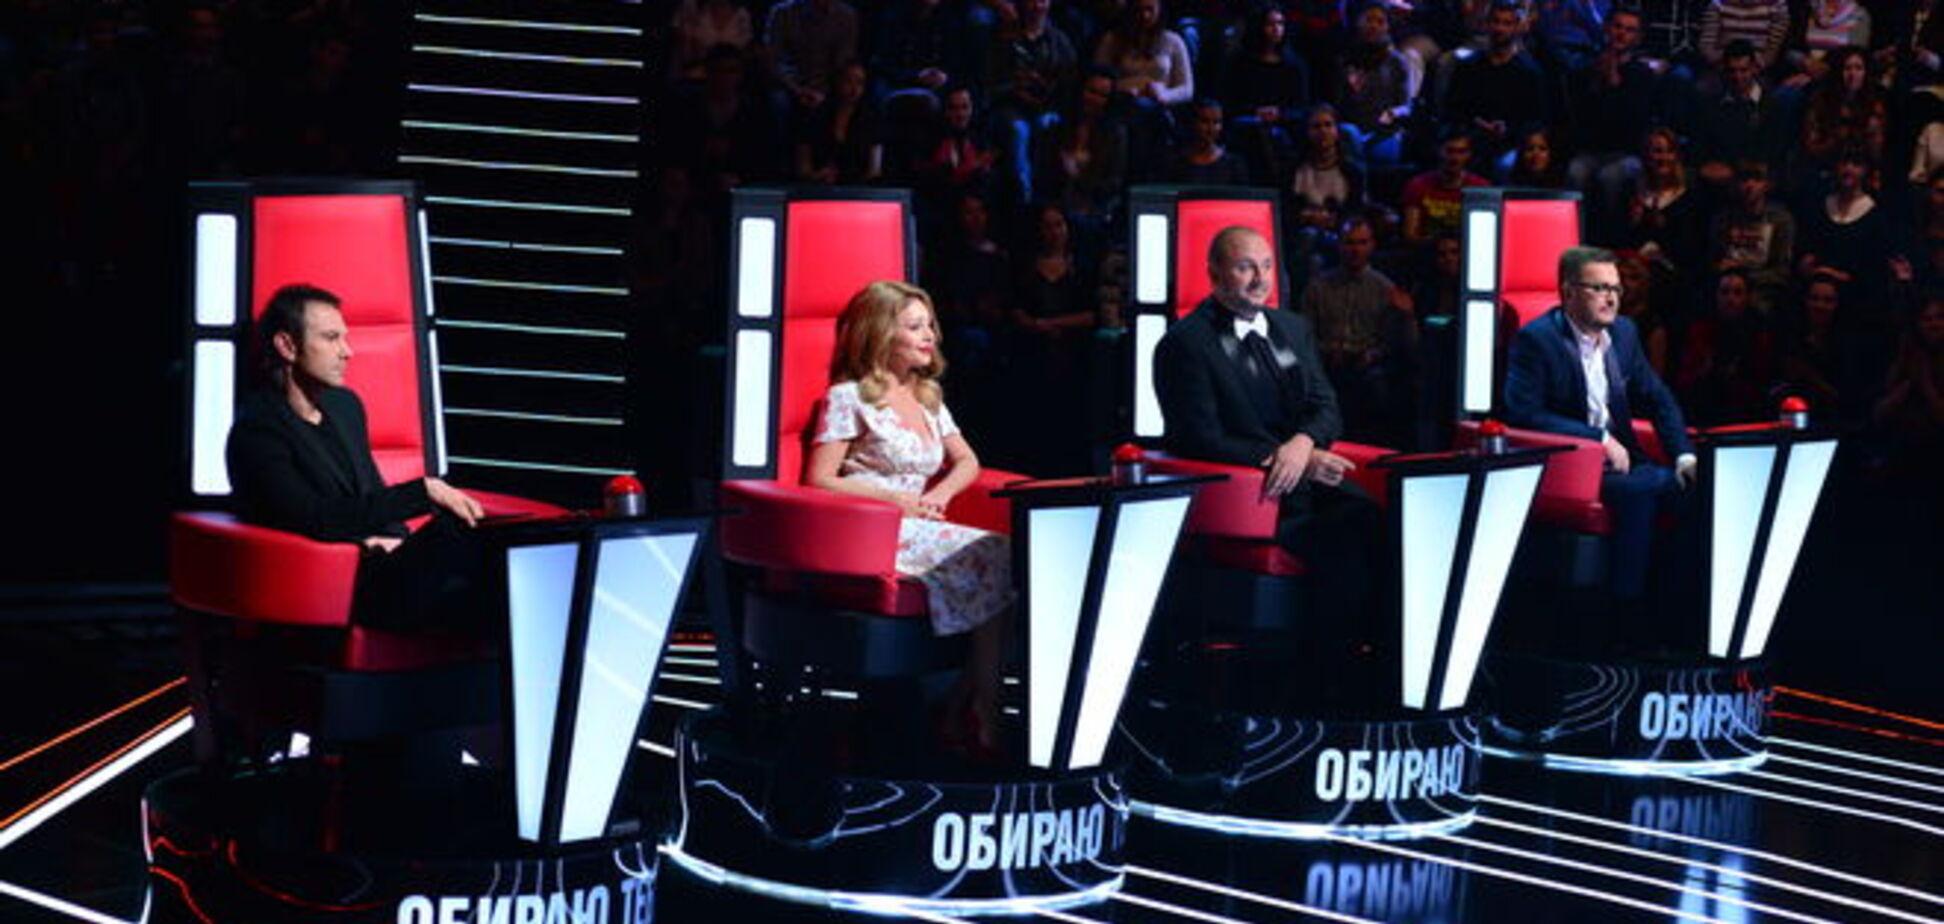 'Голос країни' - в полуфинале останется только половина